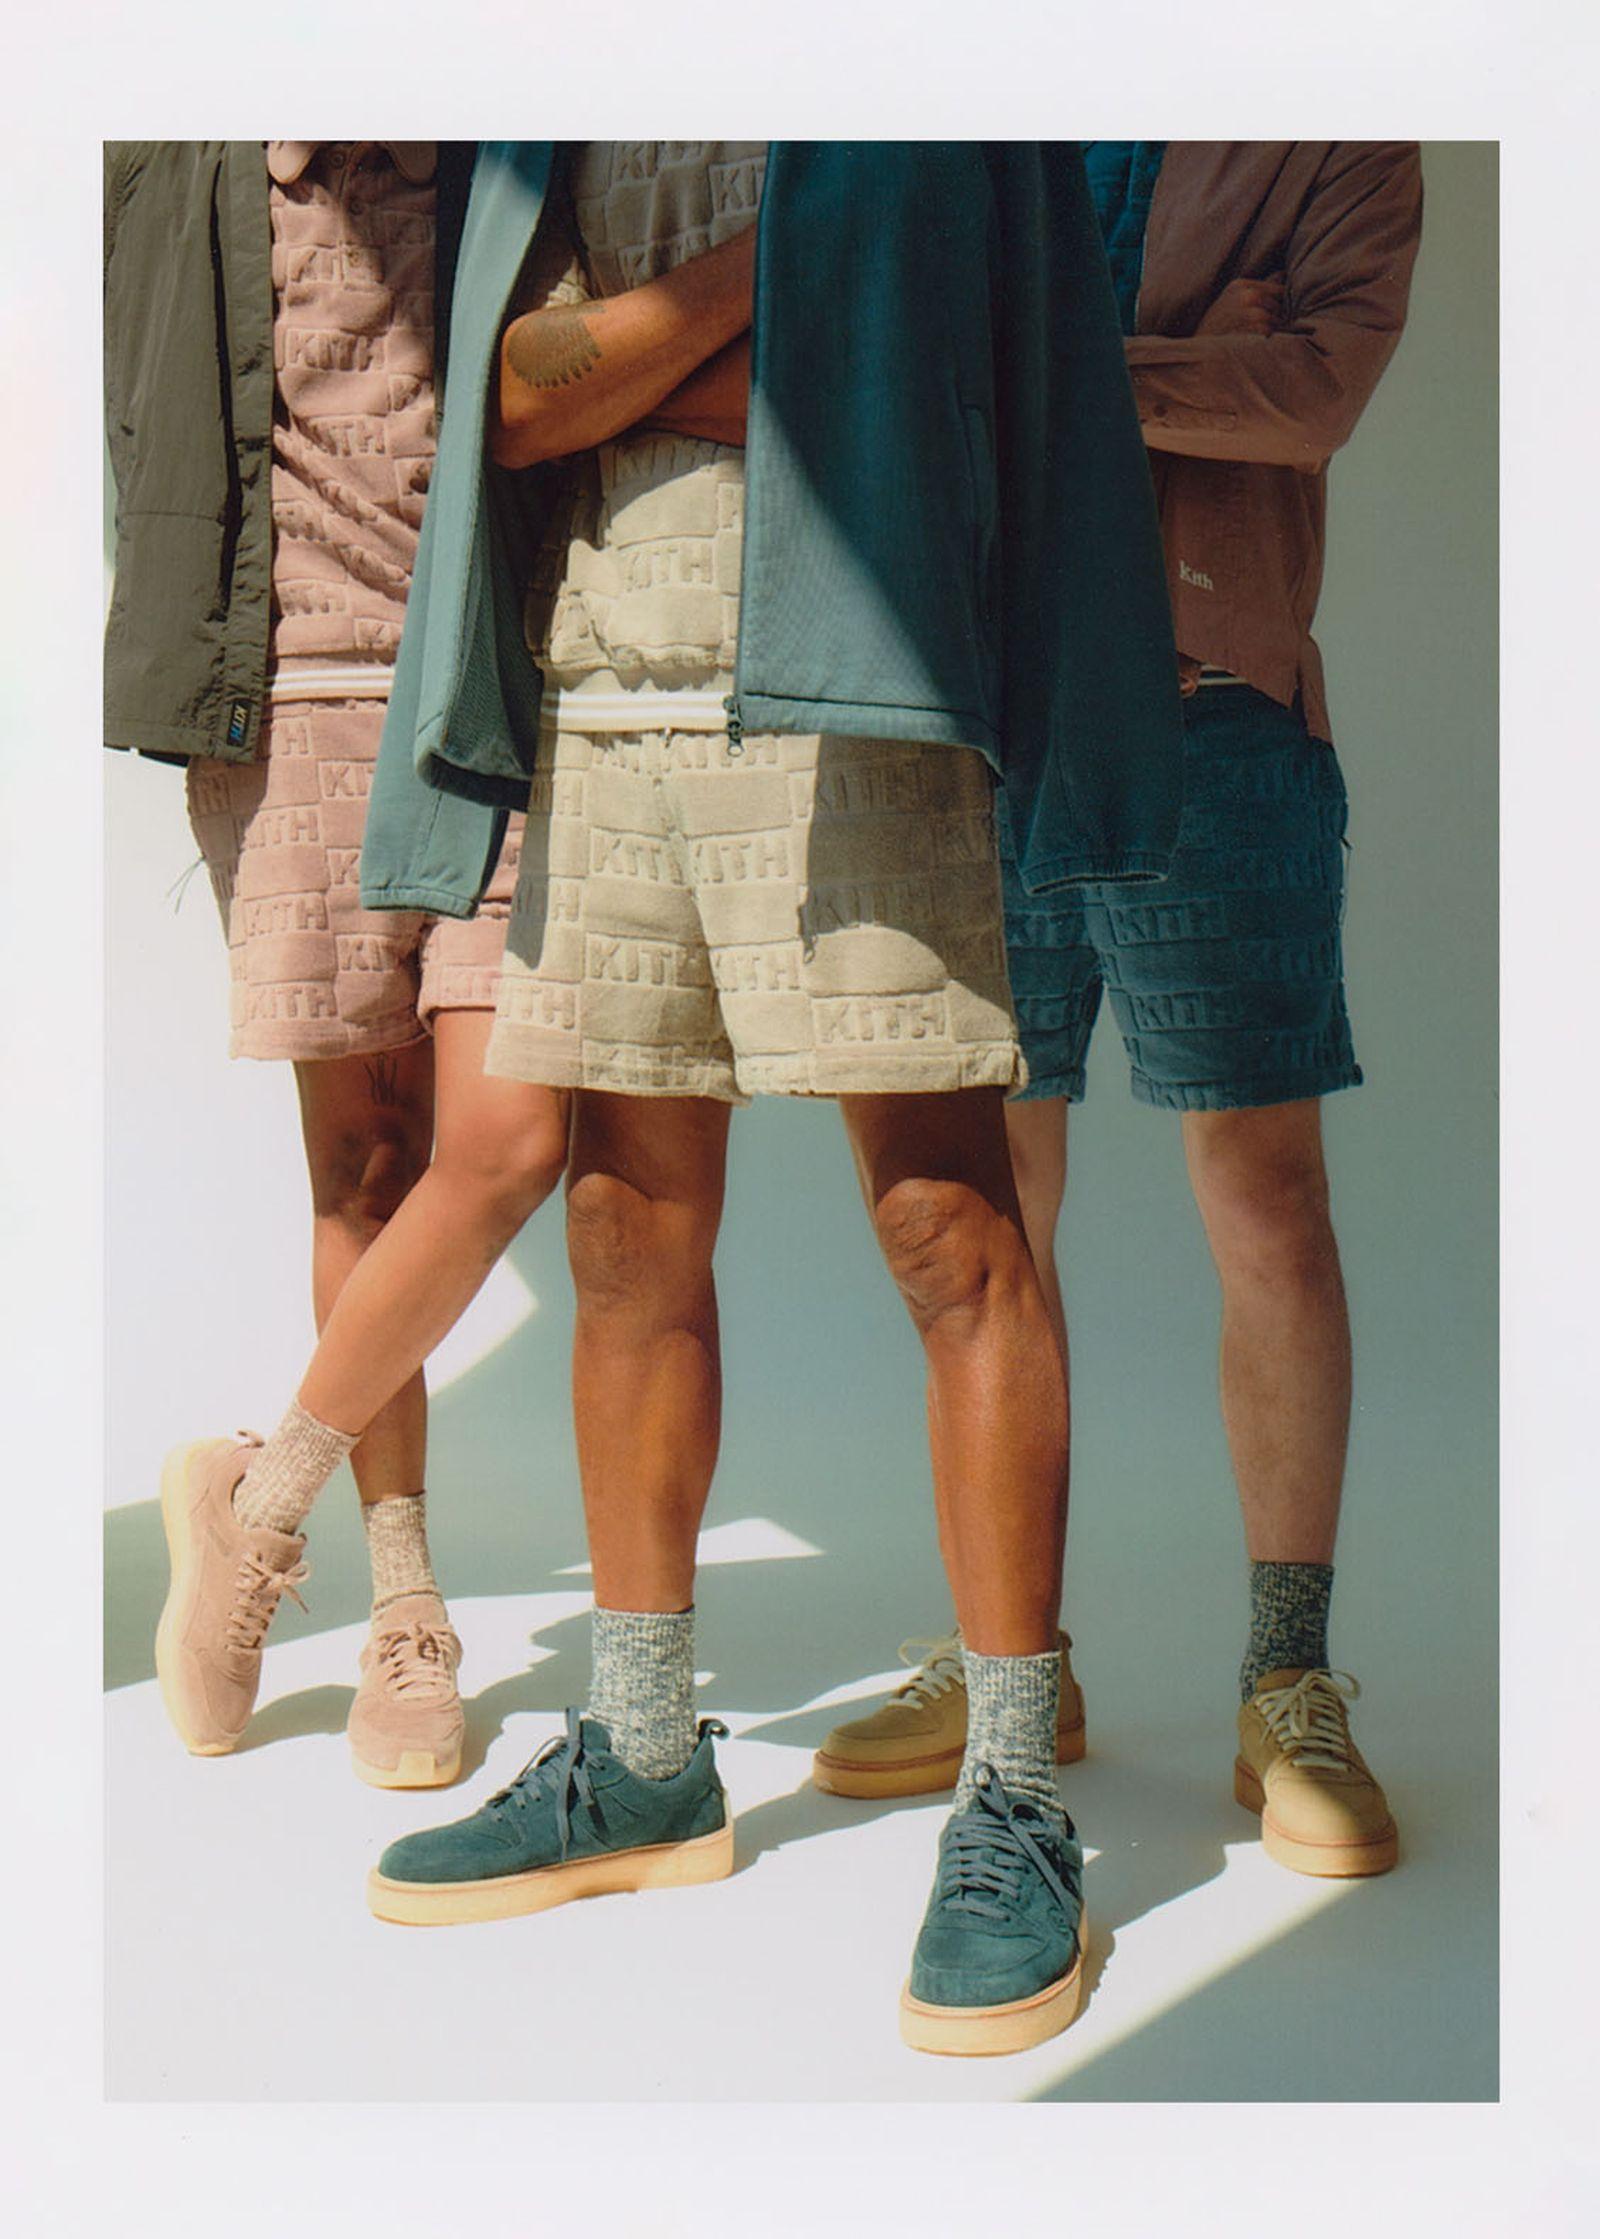 ronnie-fieg-clarks-originals-8th-street-lookbook-04